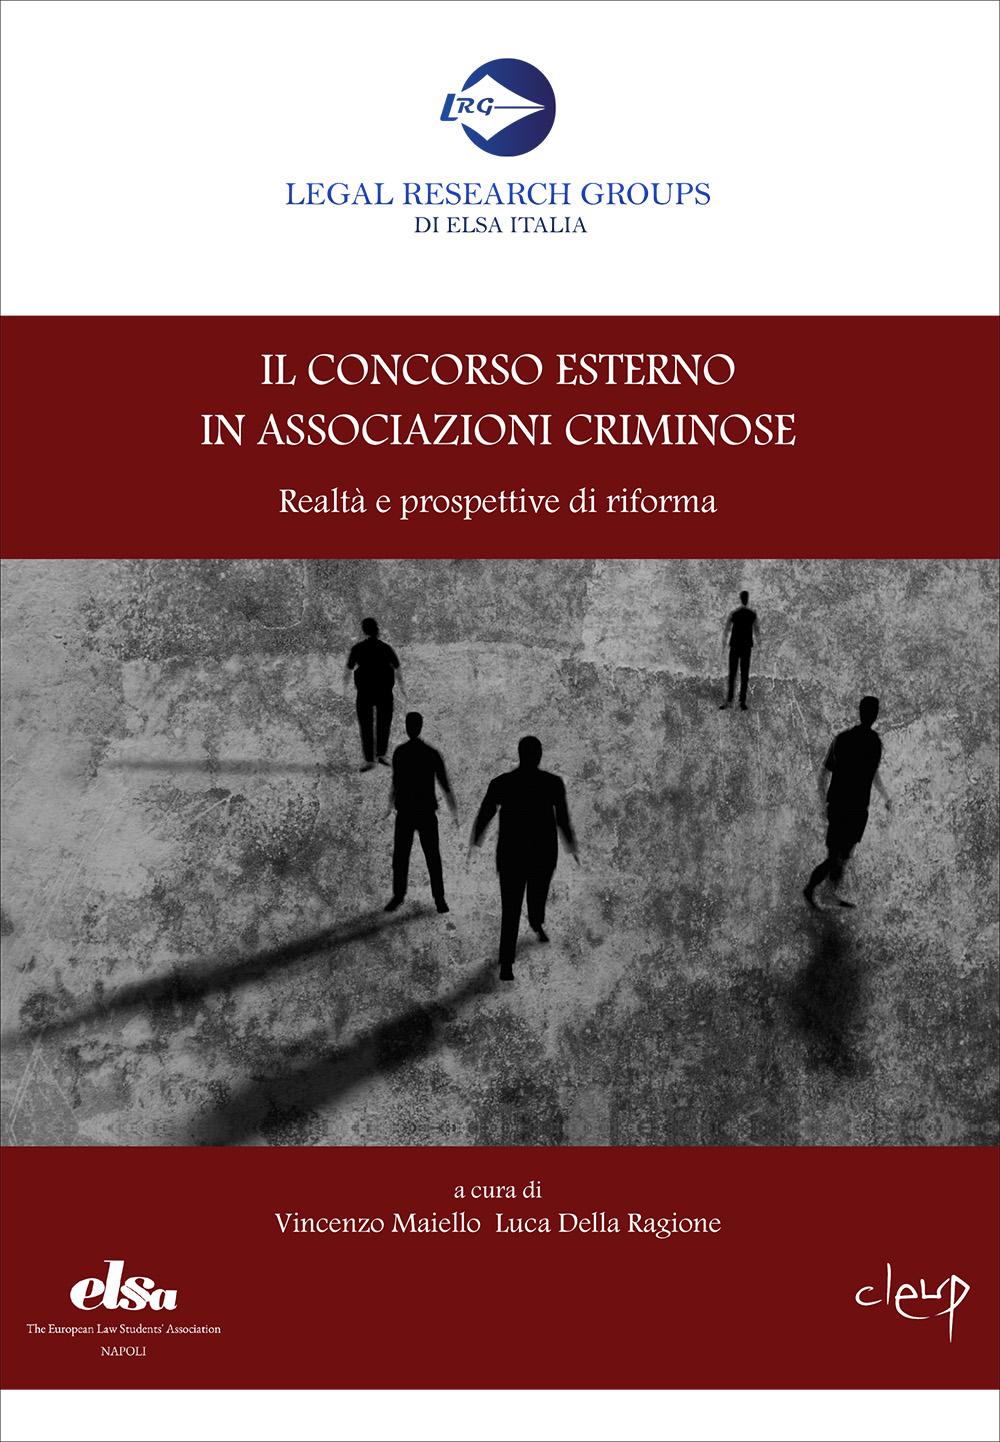 Il concorso esterno in associazioni criminose